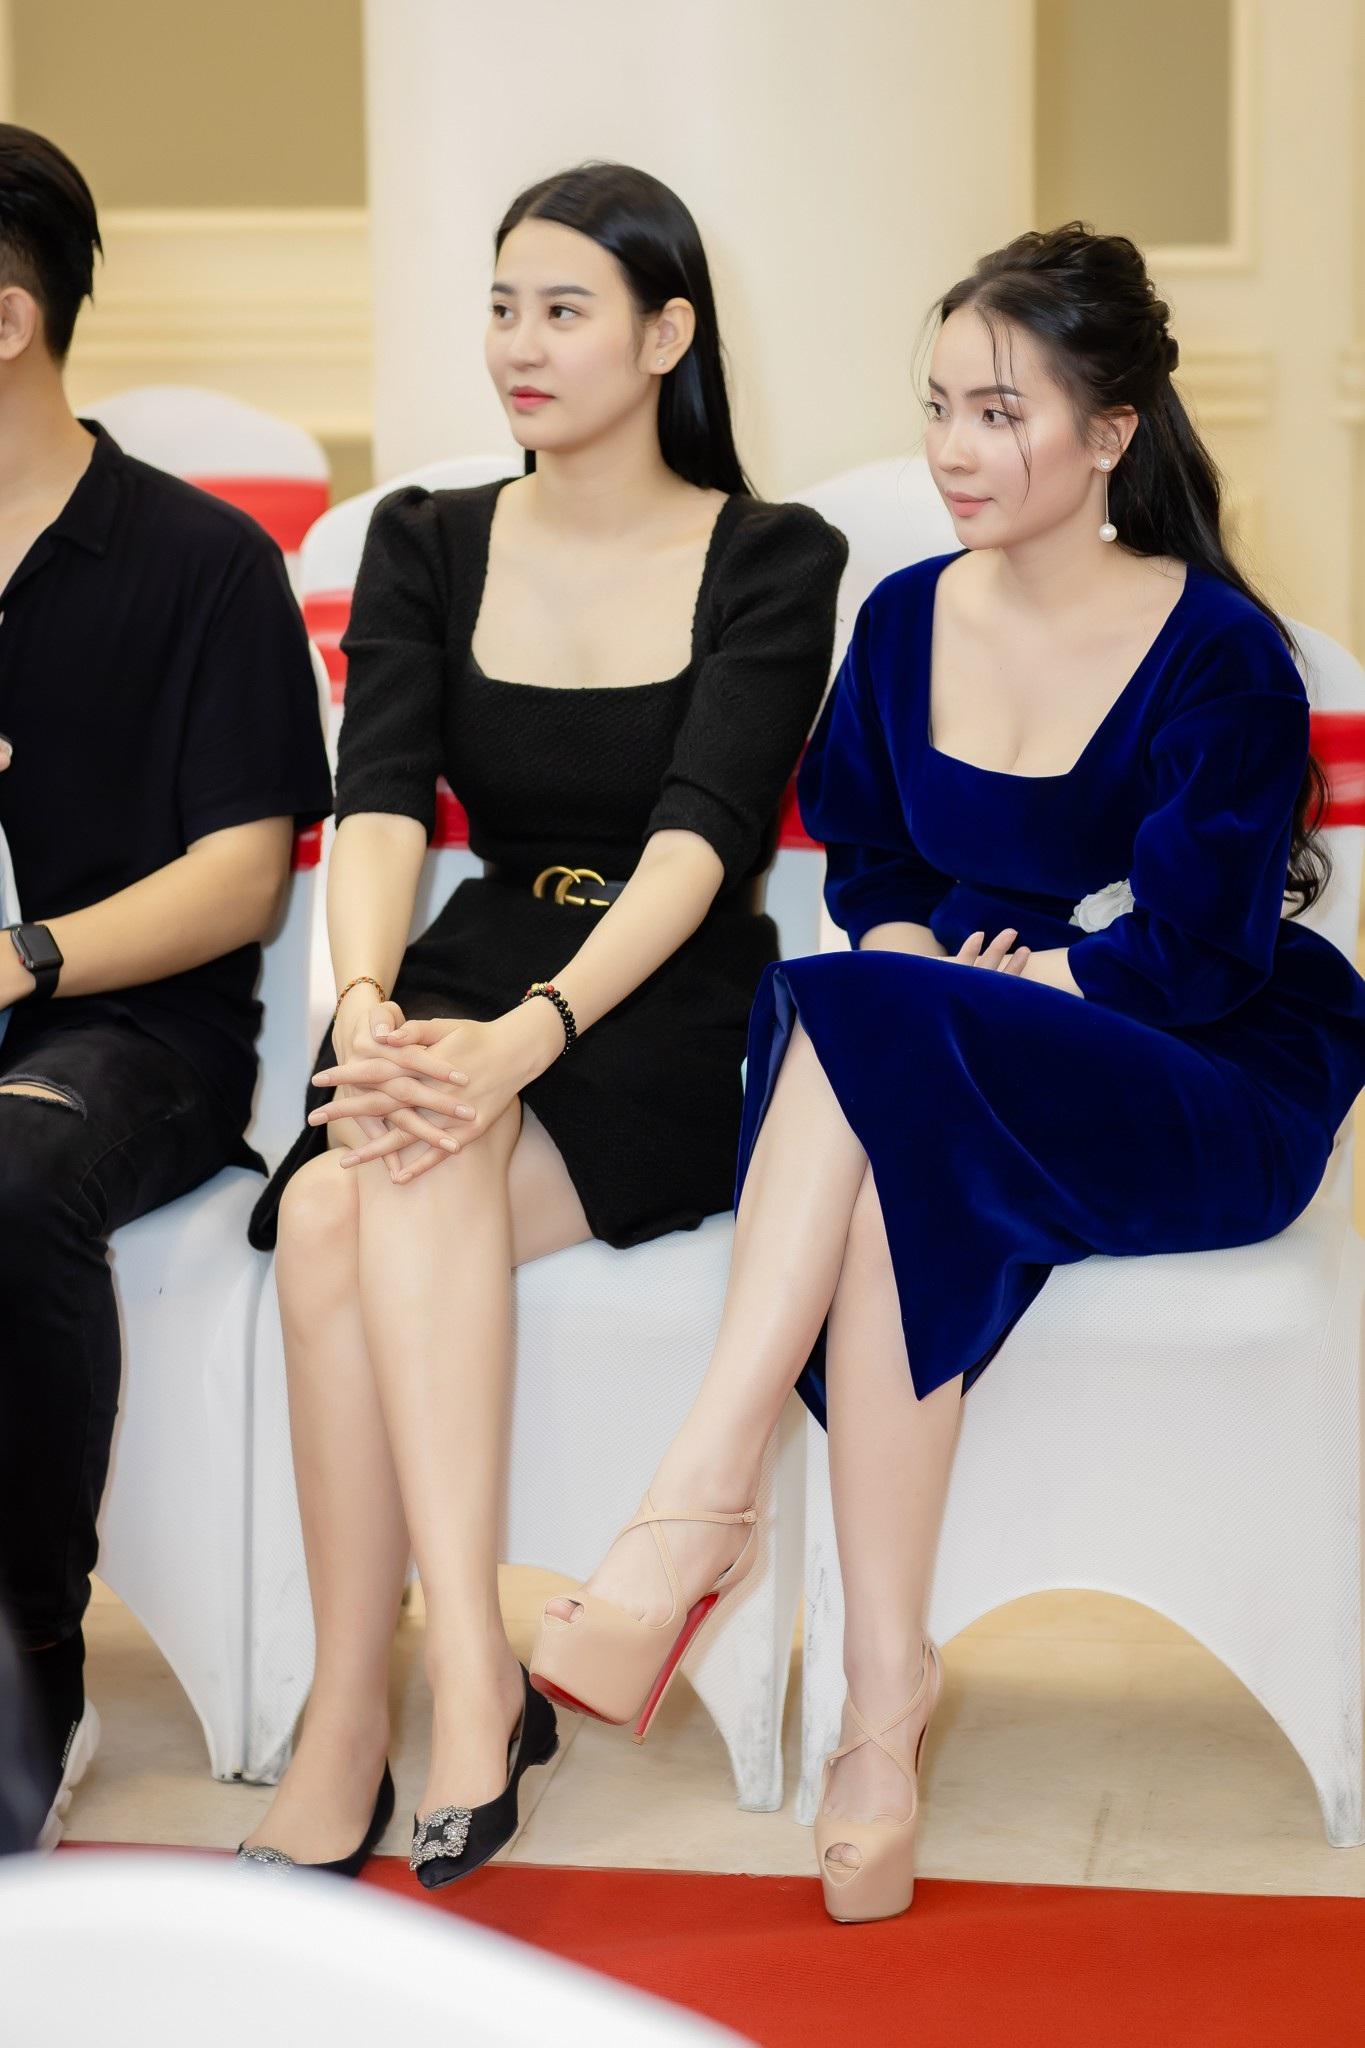 Cuộc sống sung túc, hot girl Tâm Tít sang chảnh không kém Hoa hậu Mai Phương Thuý - Ảnh 10.